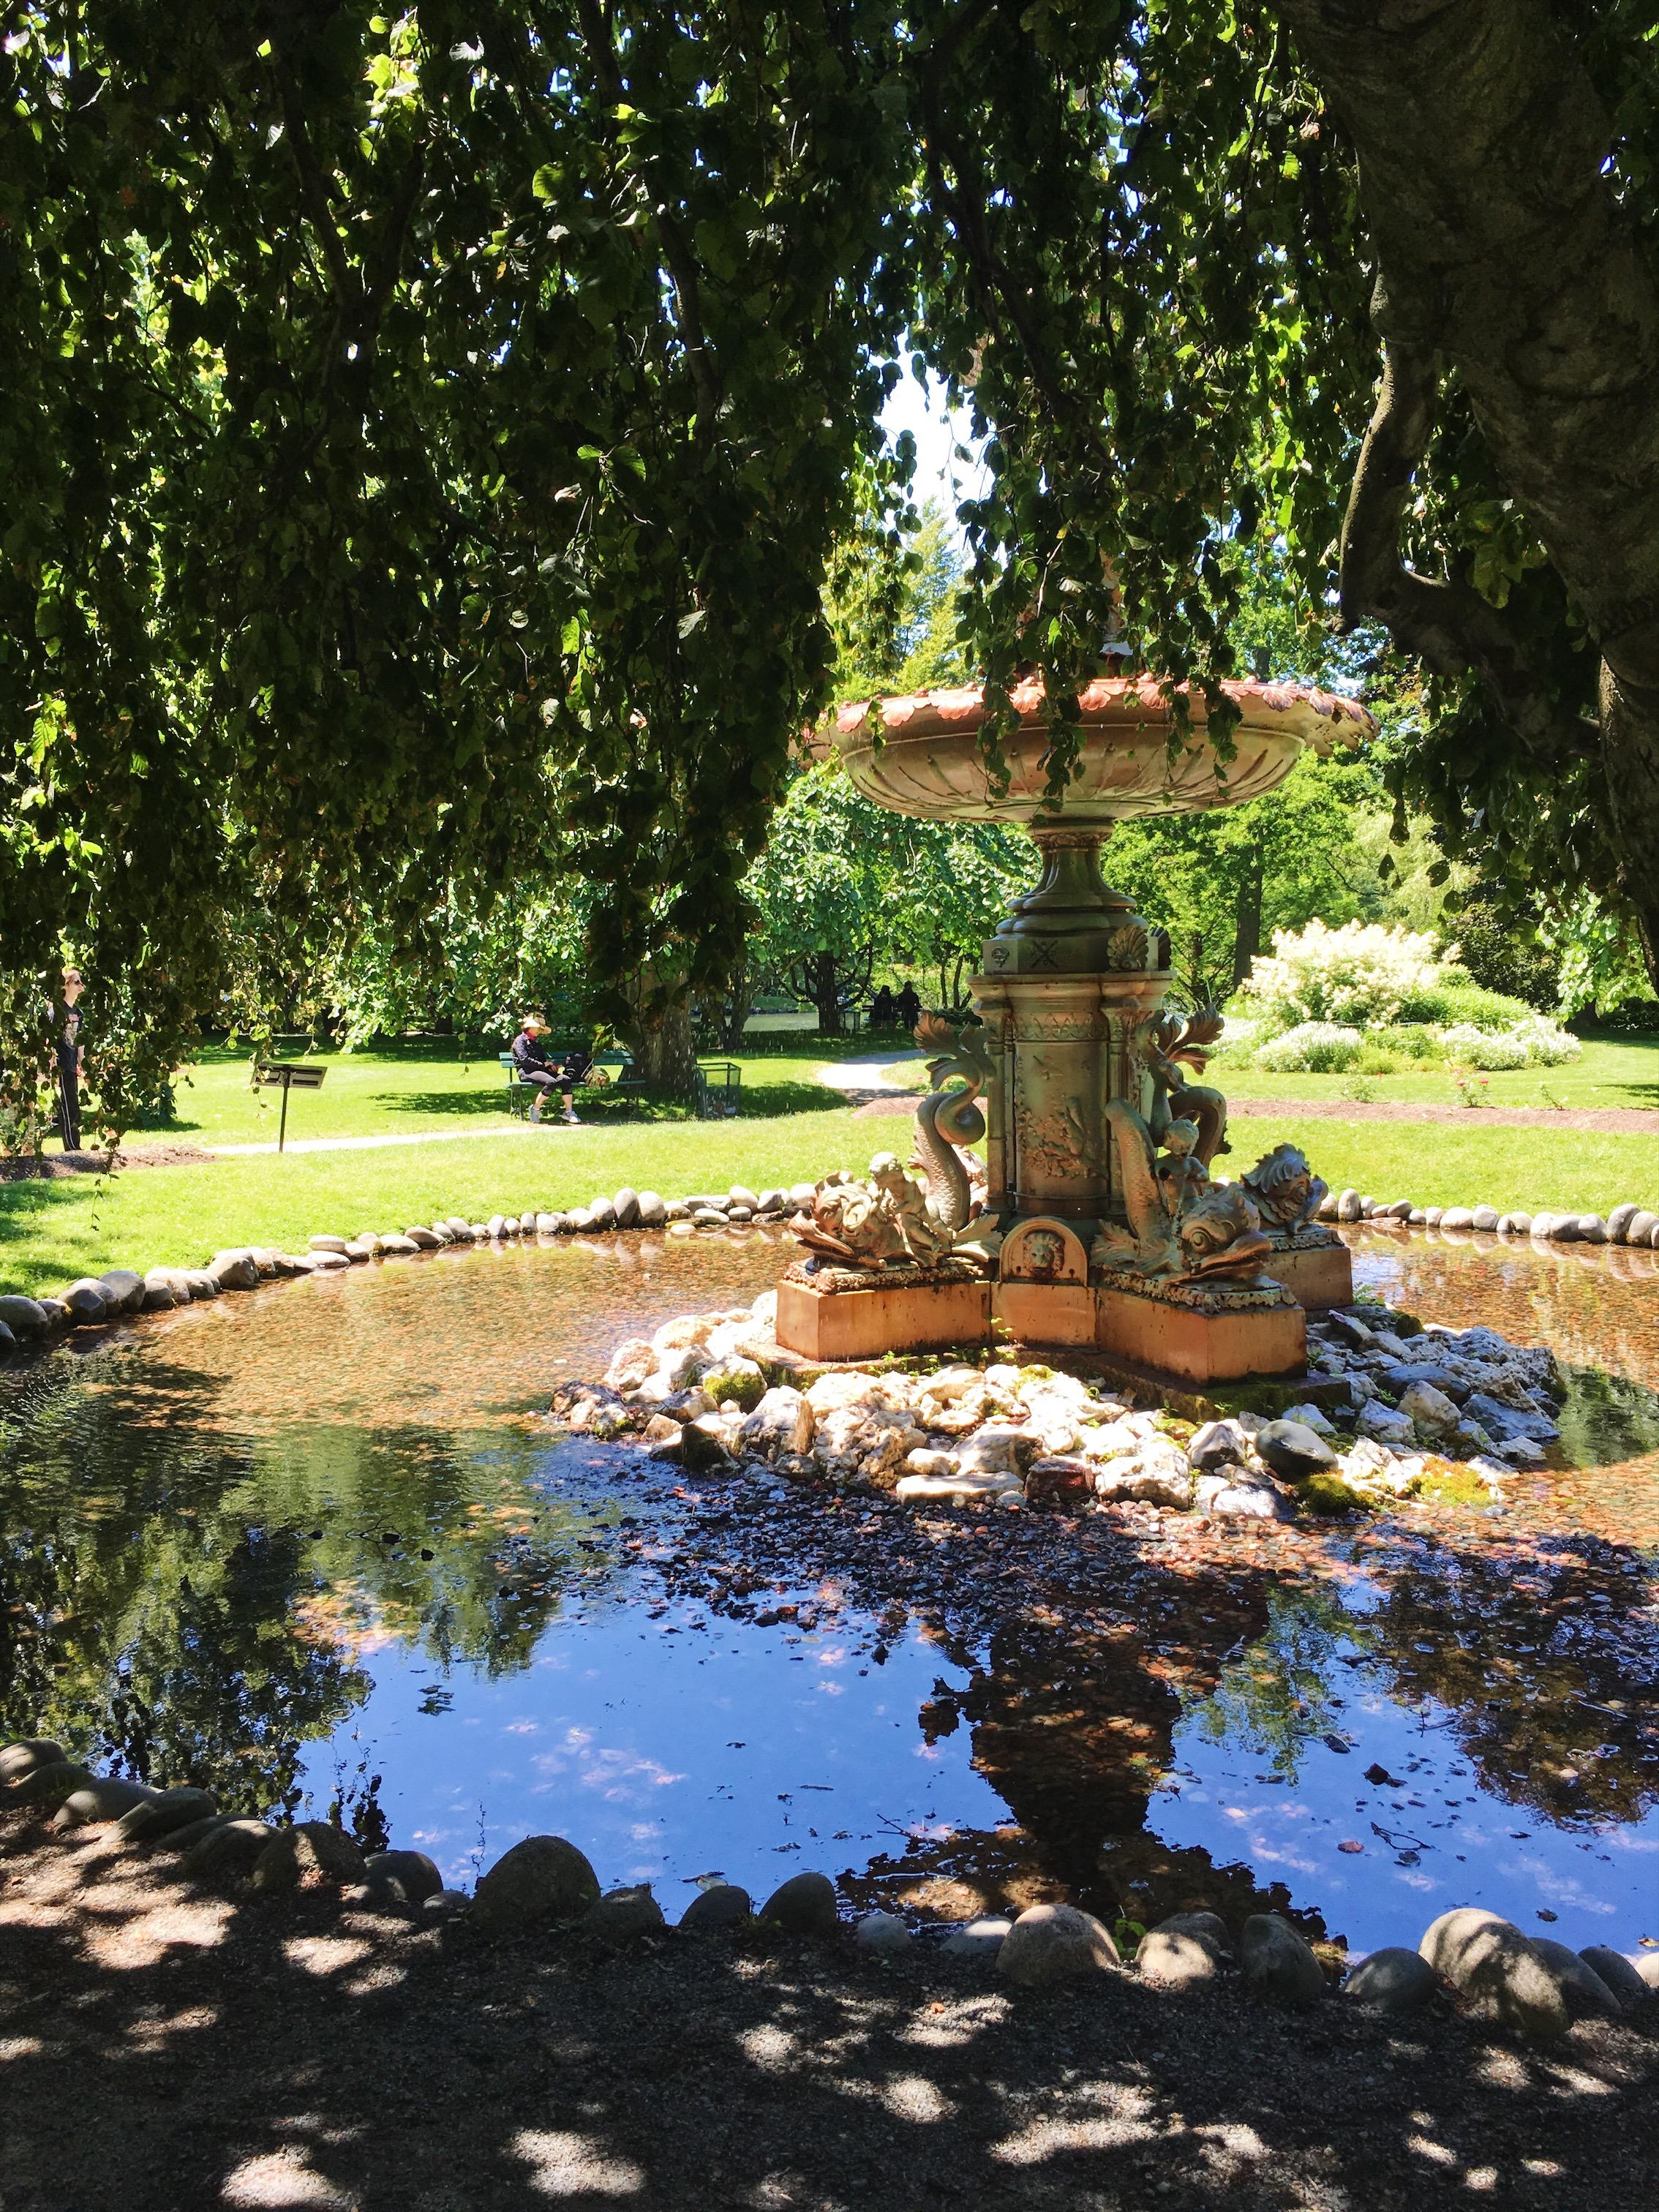 halifax-public-gardens-1